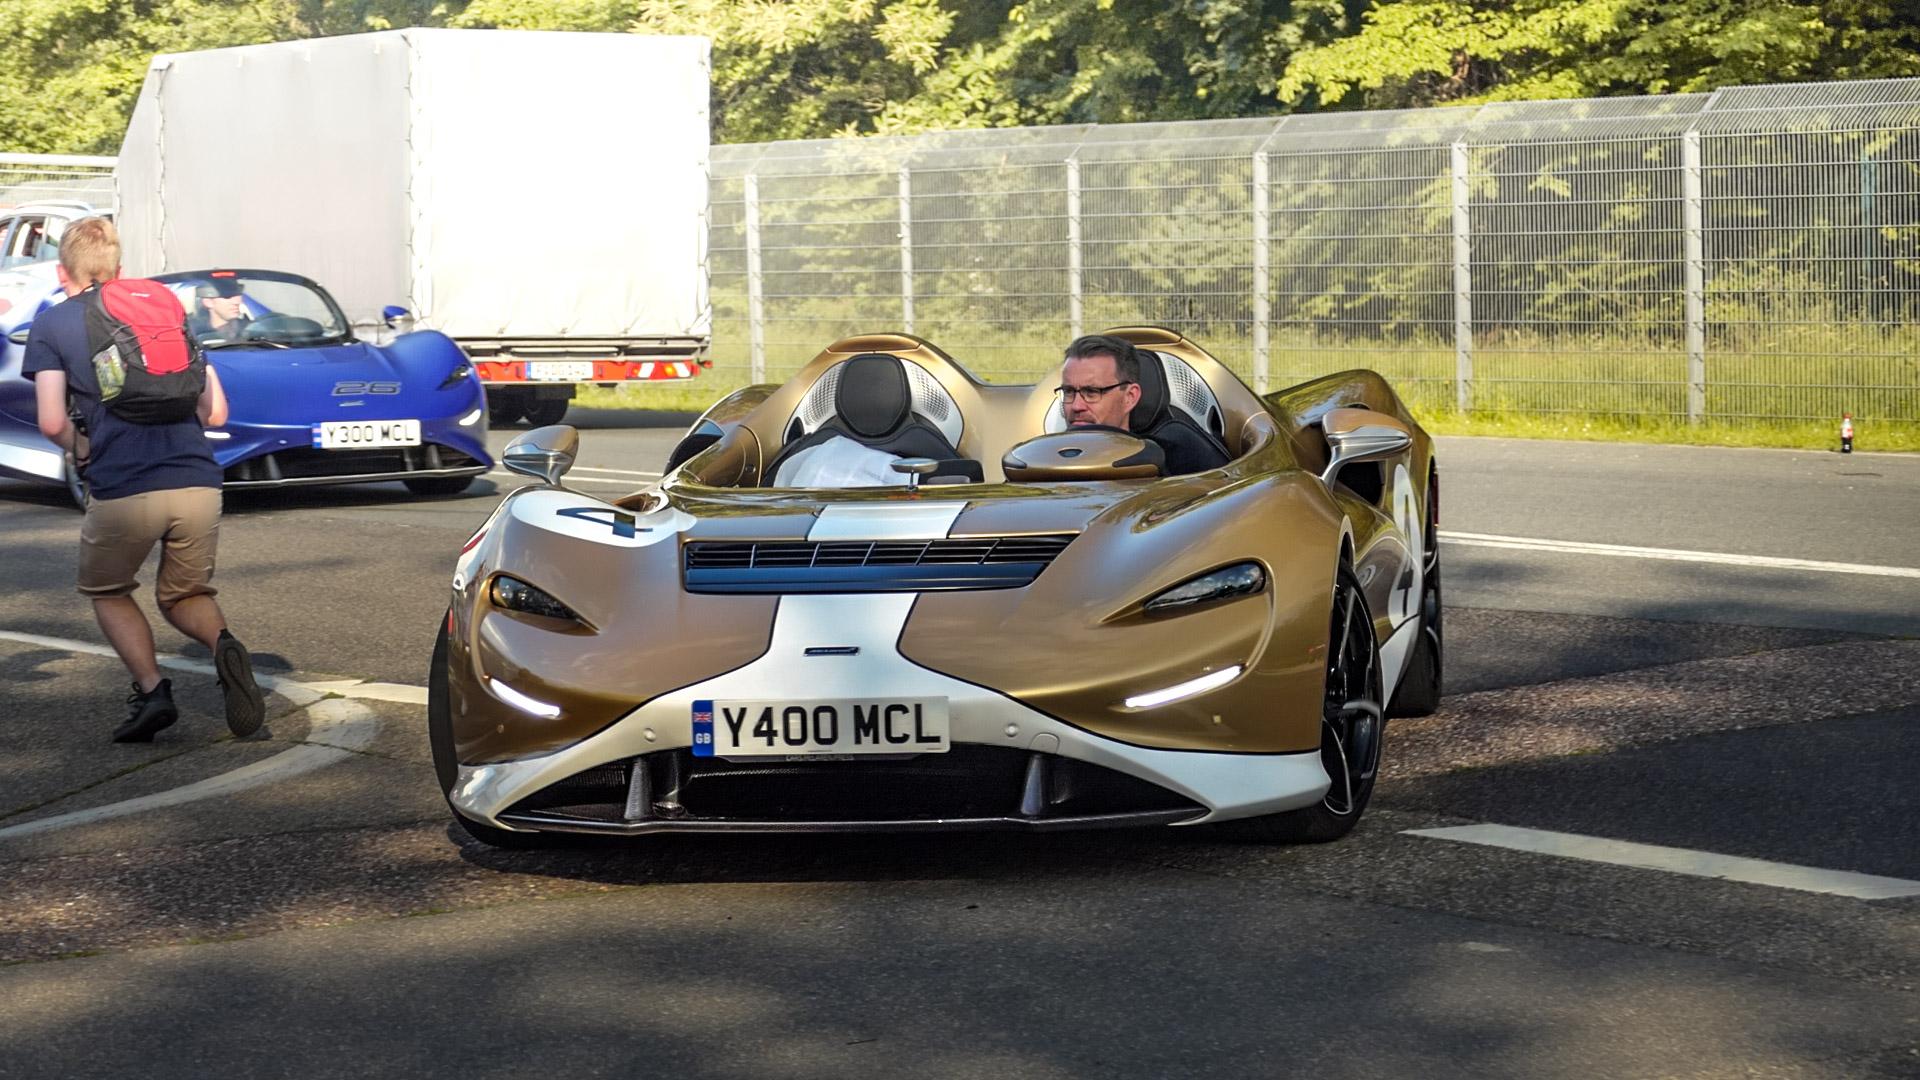 McLaren Elva - Y-400-MCL (GB)